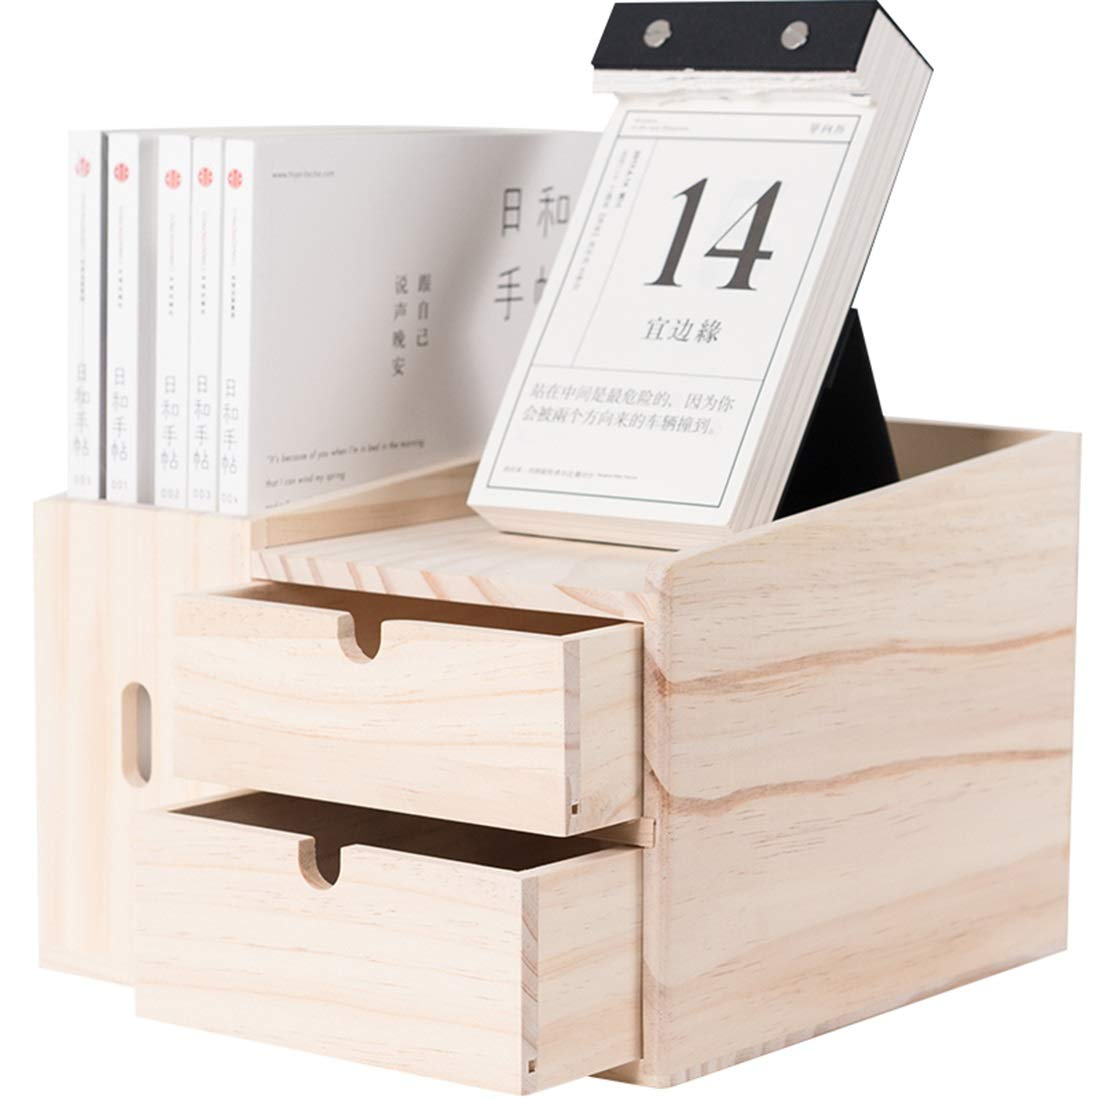 曲阜市德峰便民冷饮超市 デスクトップ収納デスク引き出し収納ボックステーブル多機能クリエイティブ本棚 (色 : Wood) B07S1N7RLW Wood